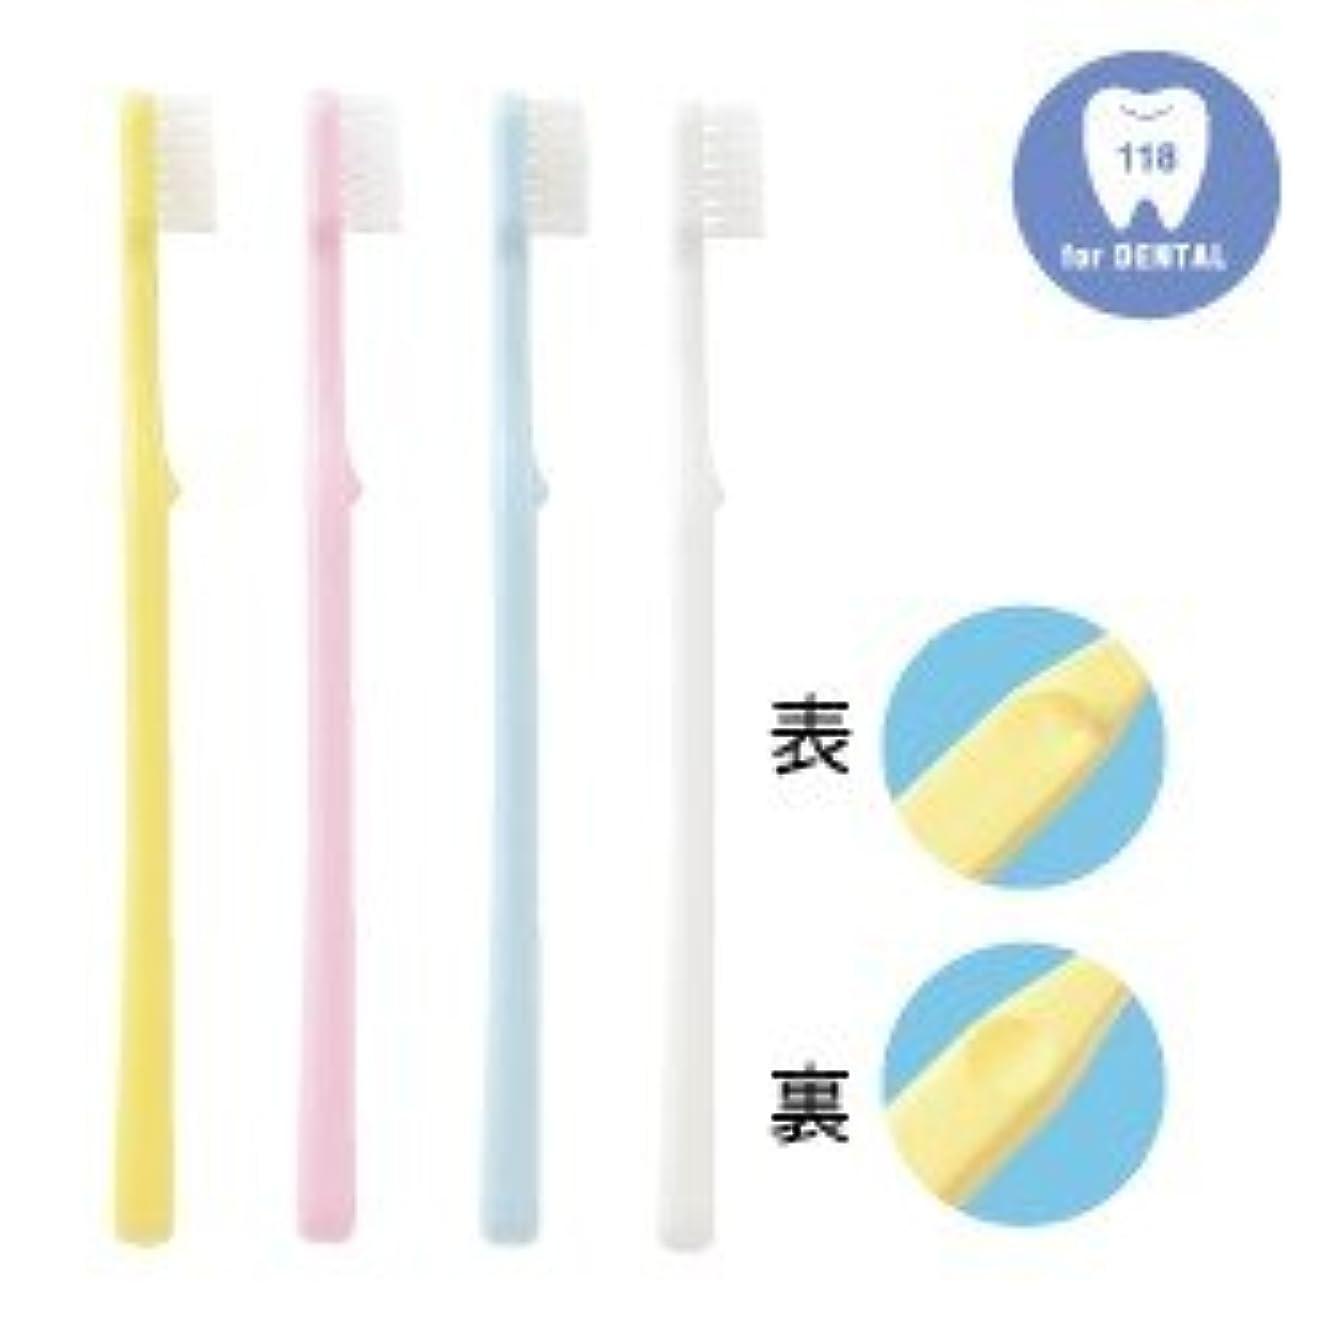 観点寂しい悩む歯科専用歯ブラシ フォーカス 子供用 118シリーズ M(ふつう) 20本